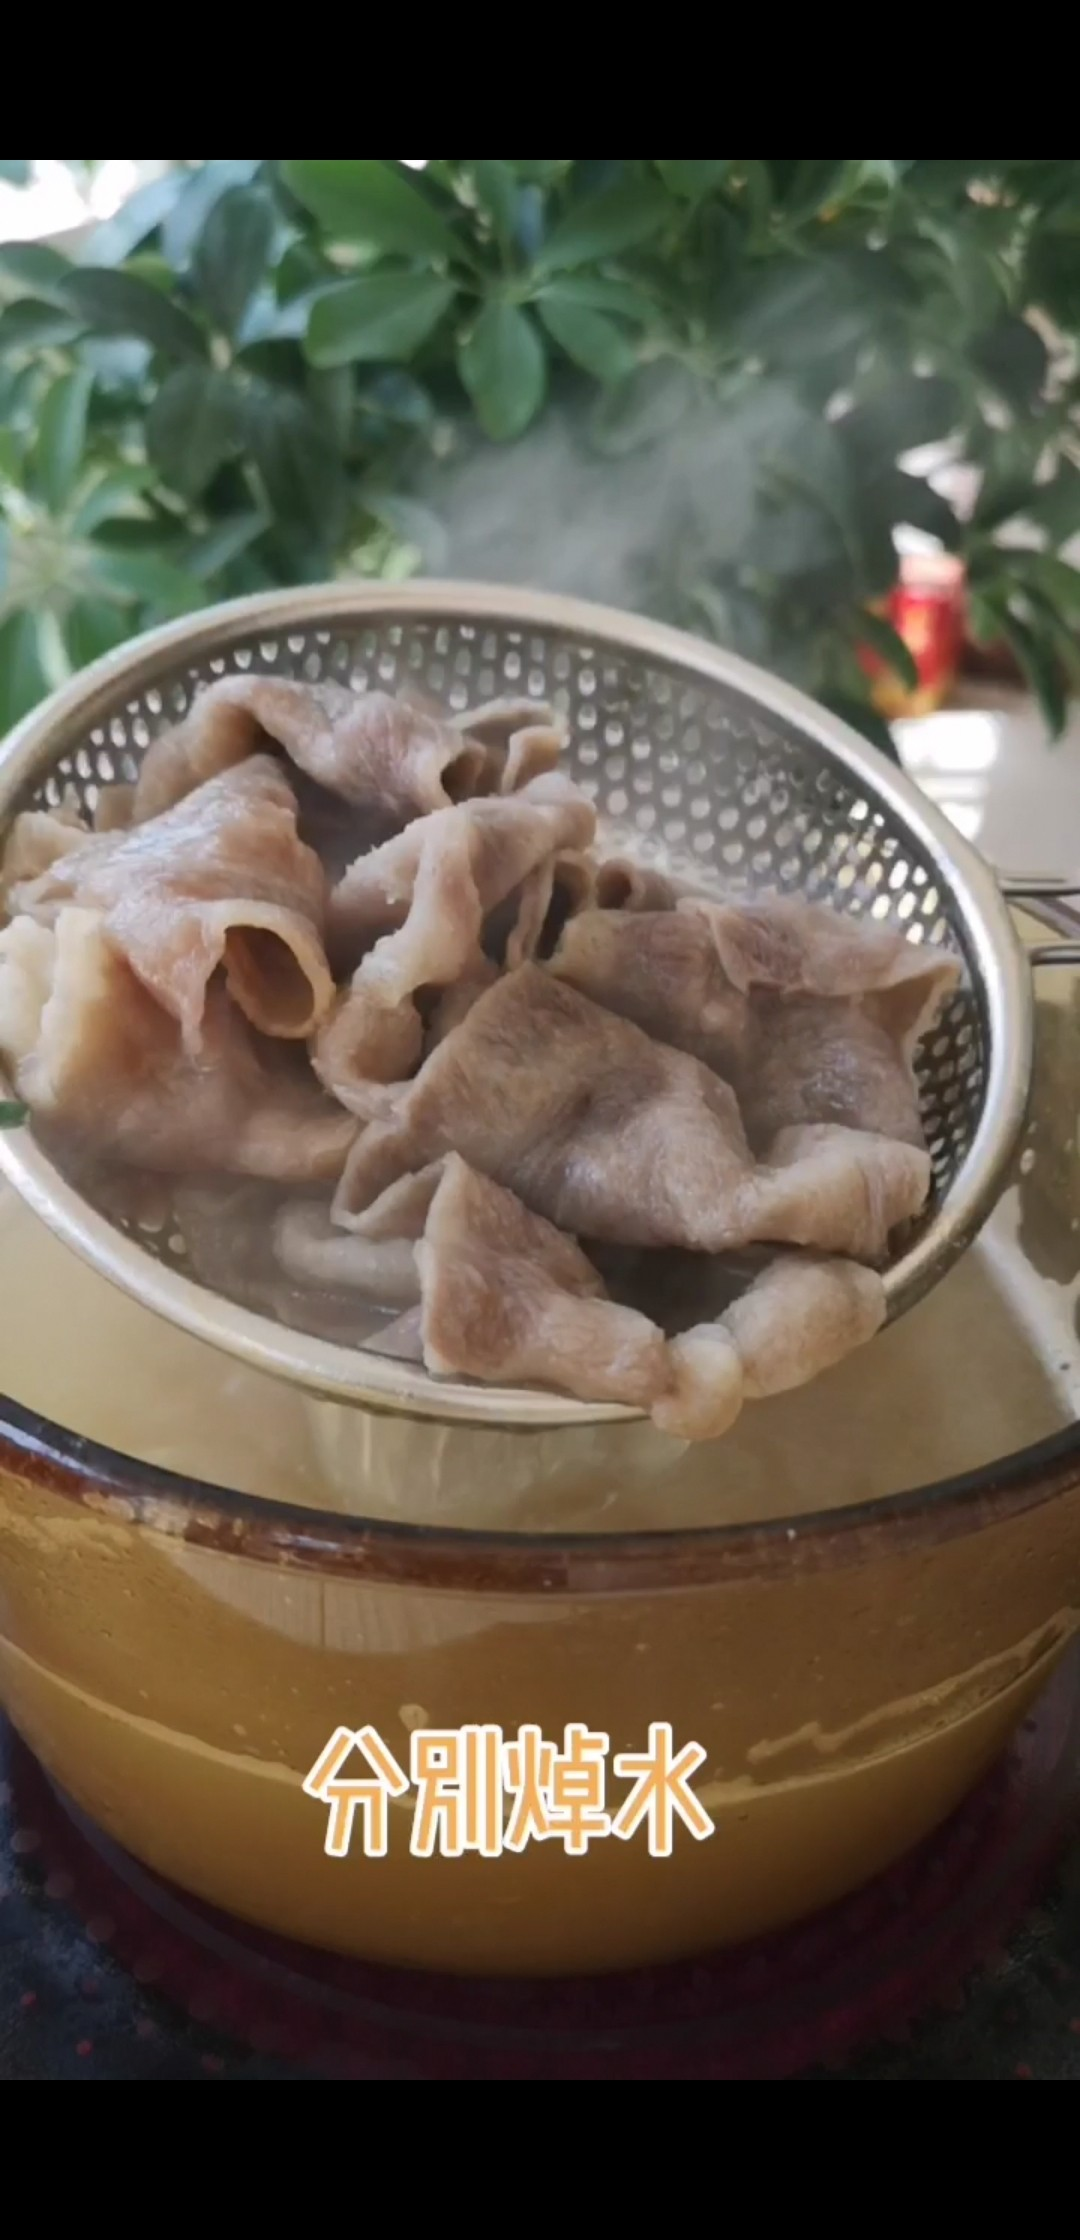 杂粮韩式拌饭怎么吃